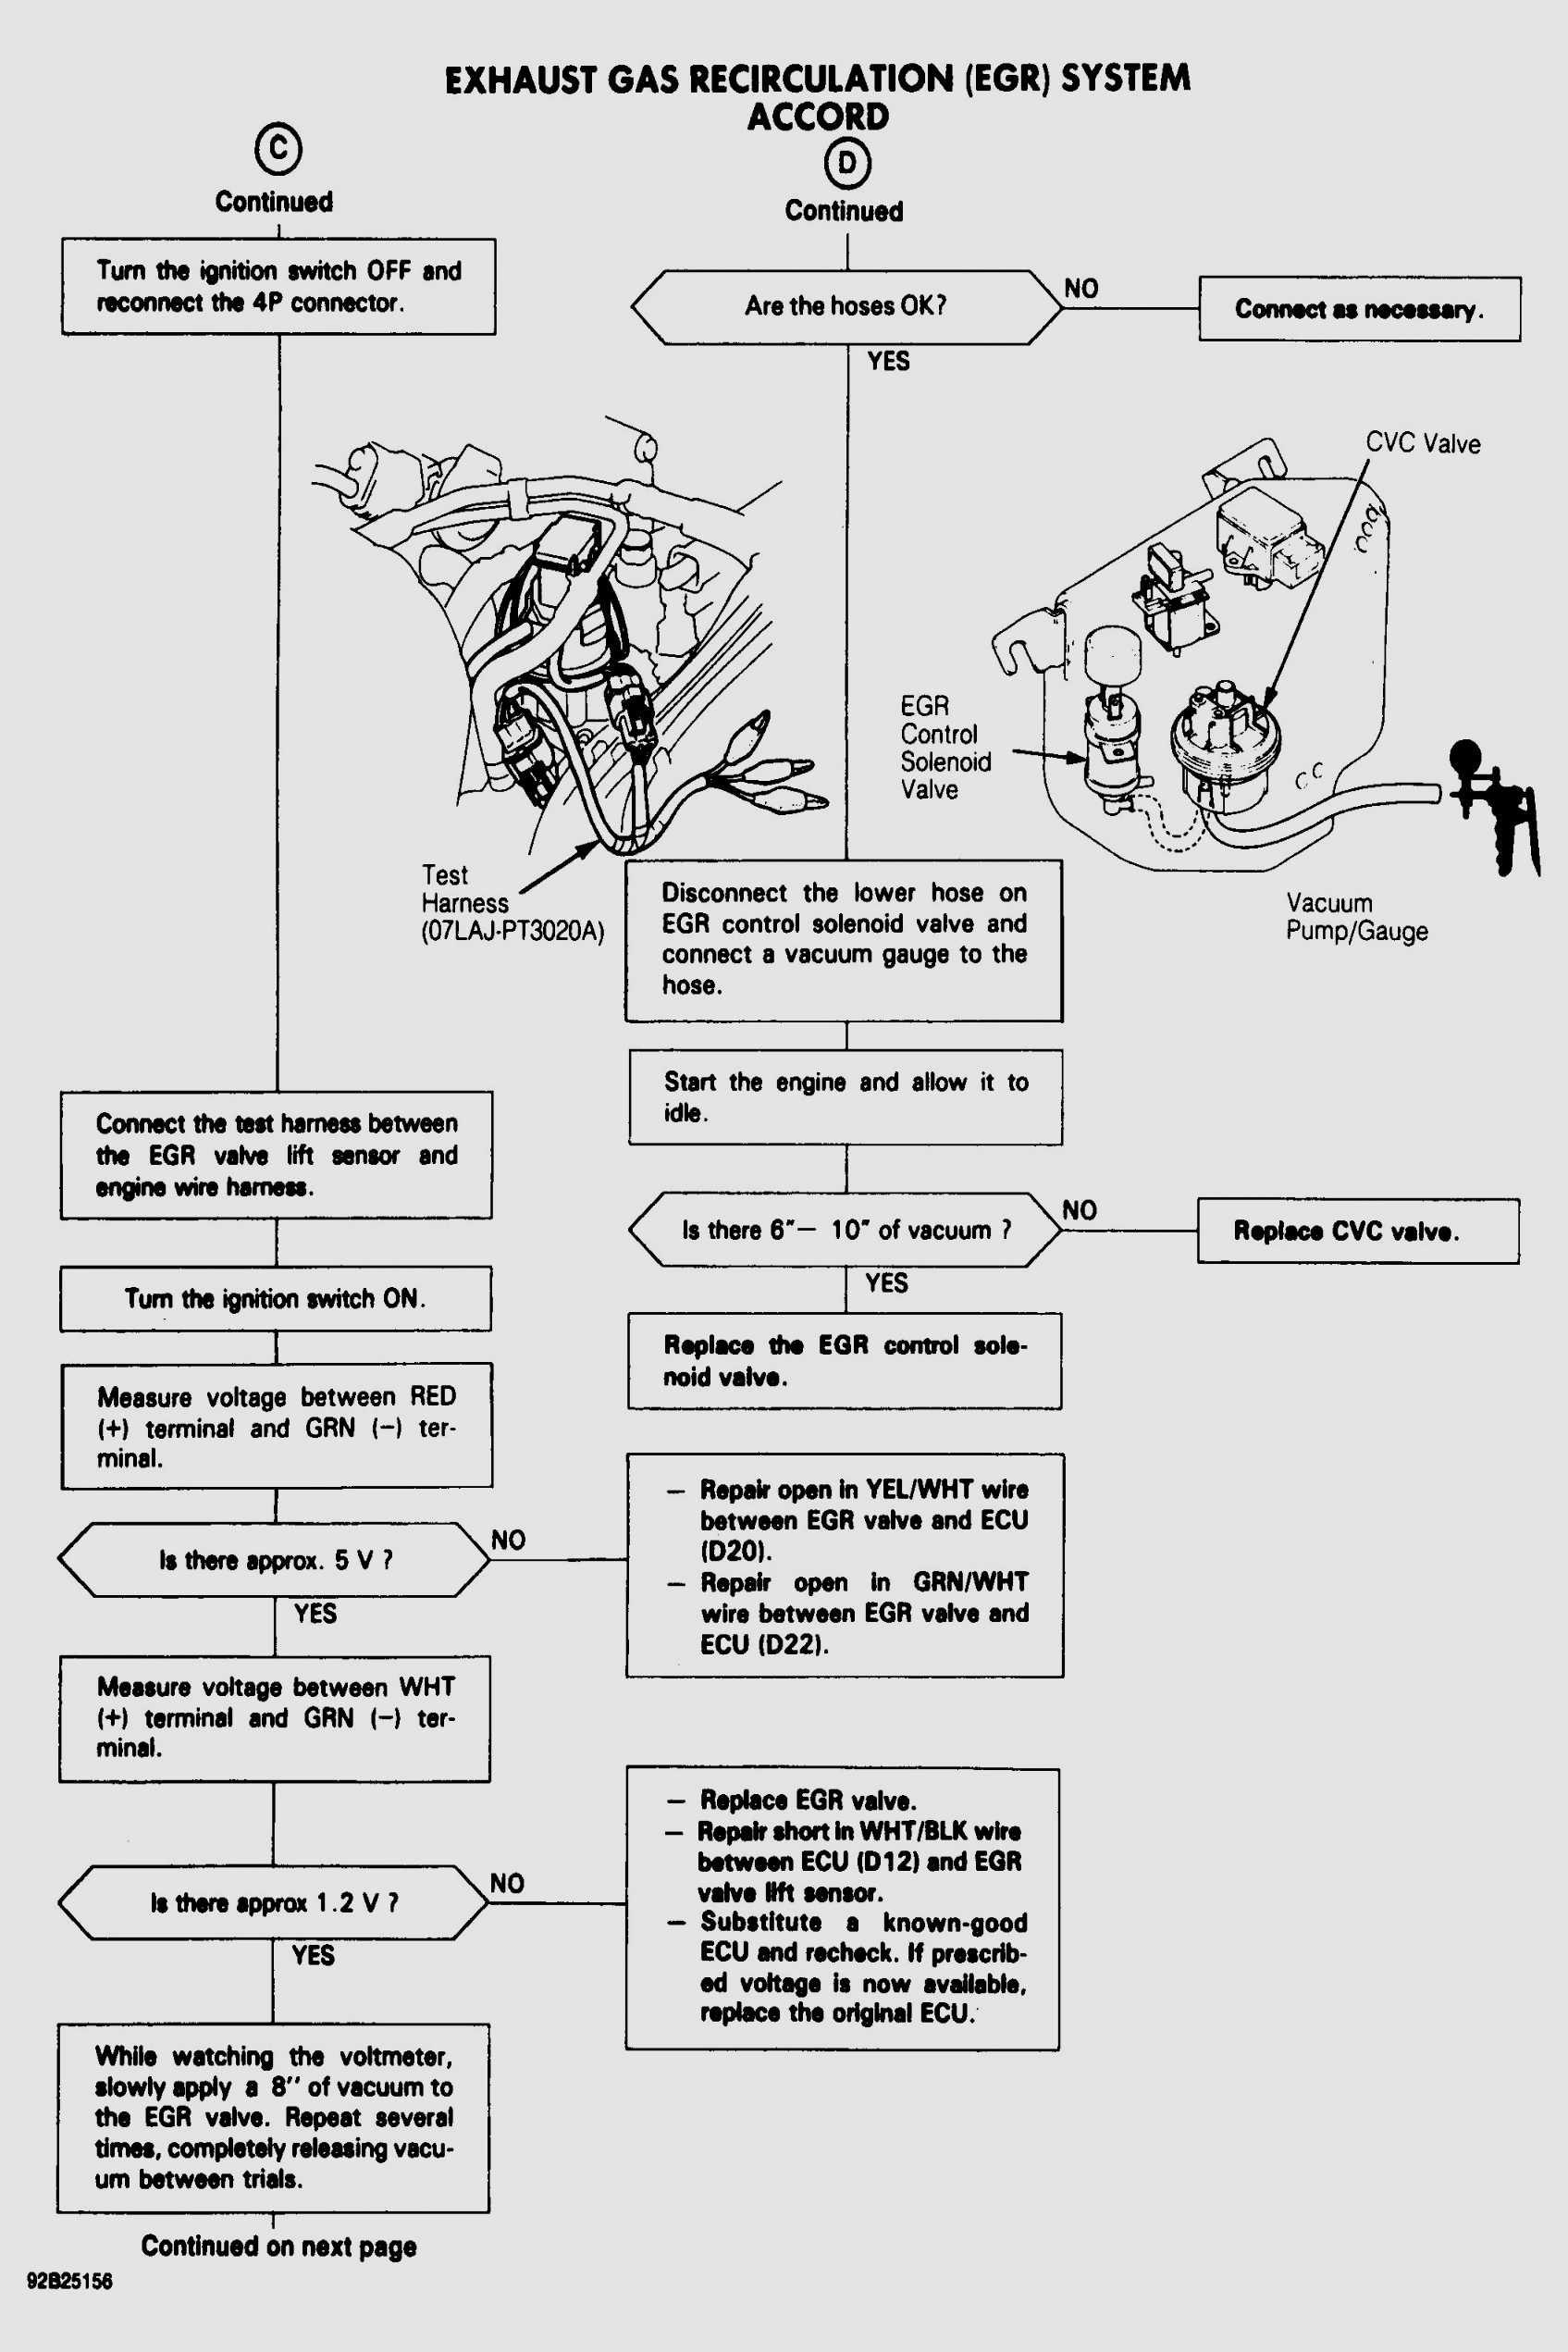 2000 isuzu Rodeo Engine Diagram Aldl Wiring Schematic Wiring Diagram toolbox Of 2000 isuzu Rodeo Engine Diagram